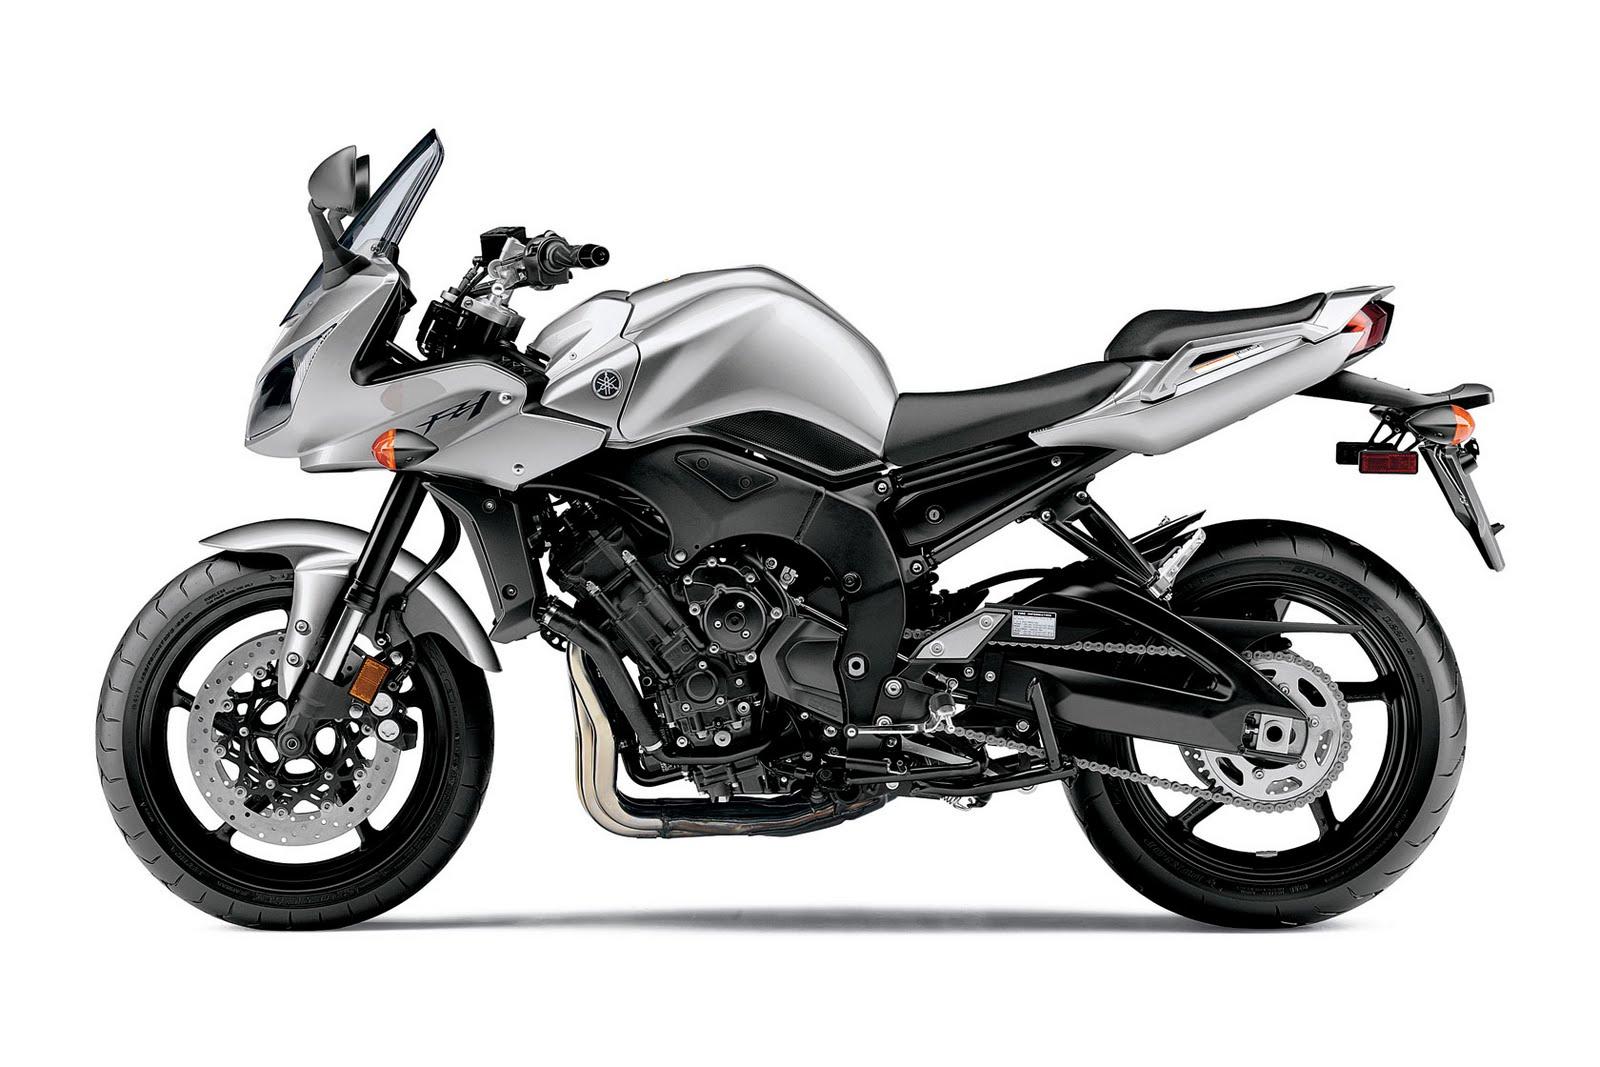 Yamaha FZ1 1000 2011 - Fiche moto - MOTOPLANETE